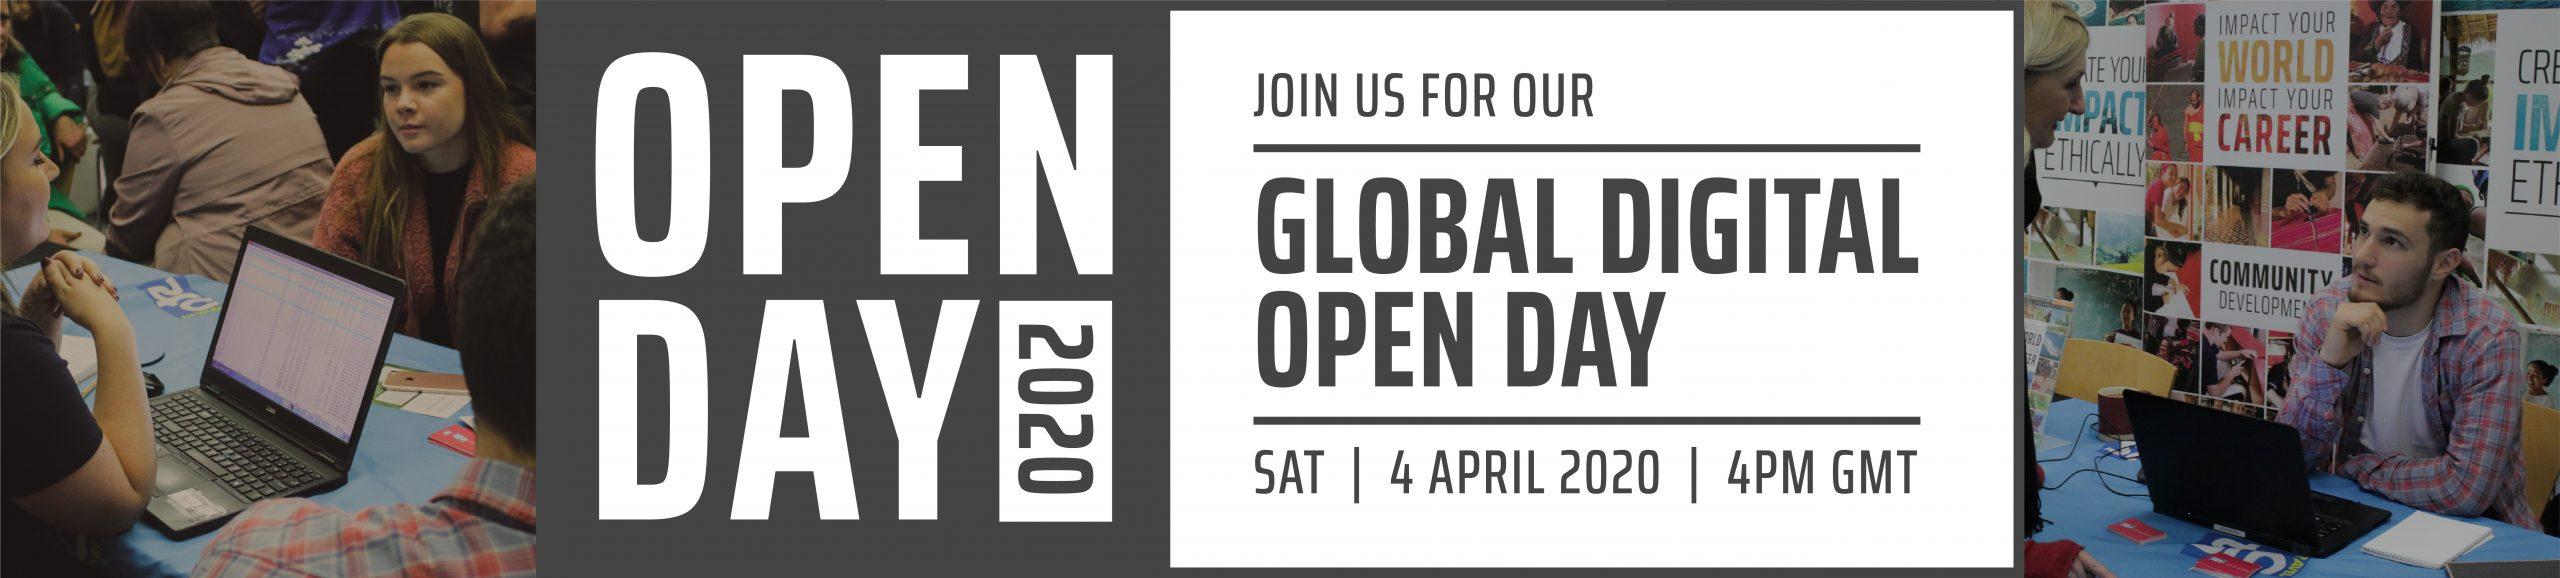 Global Digital Open Day